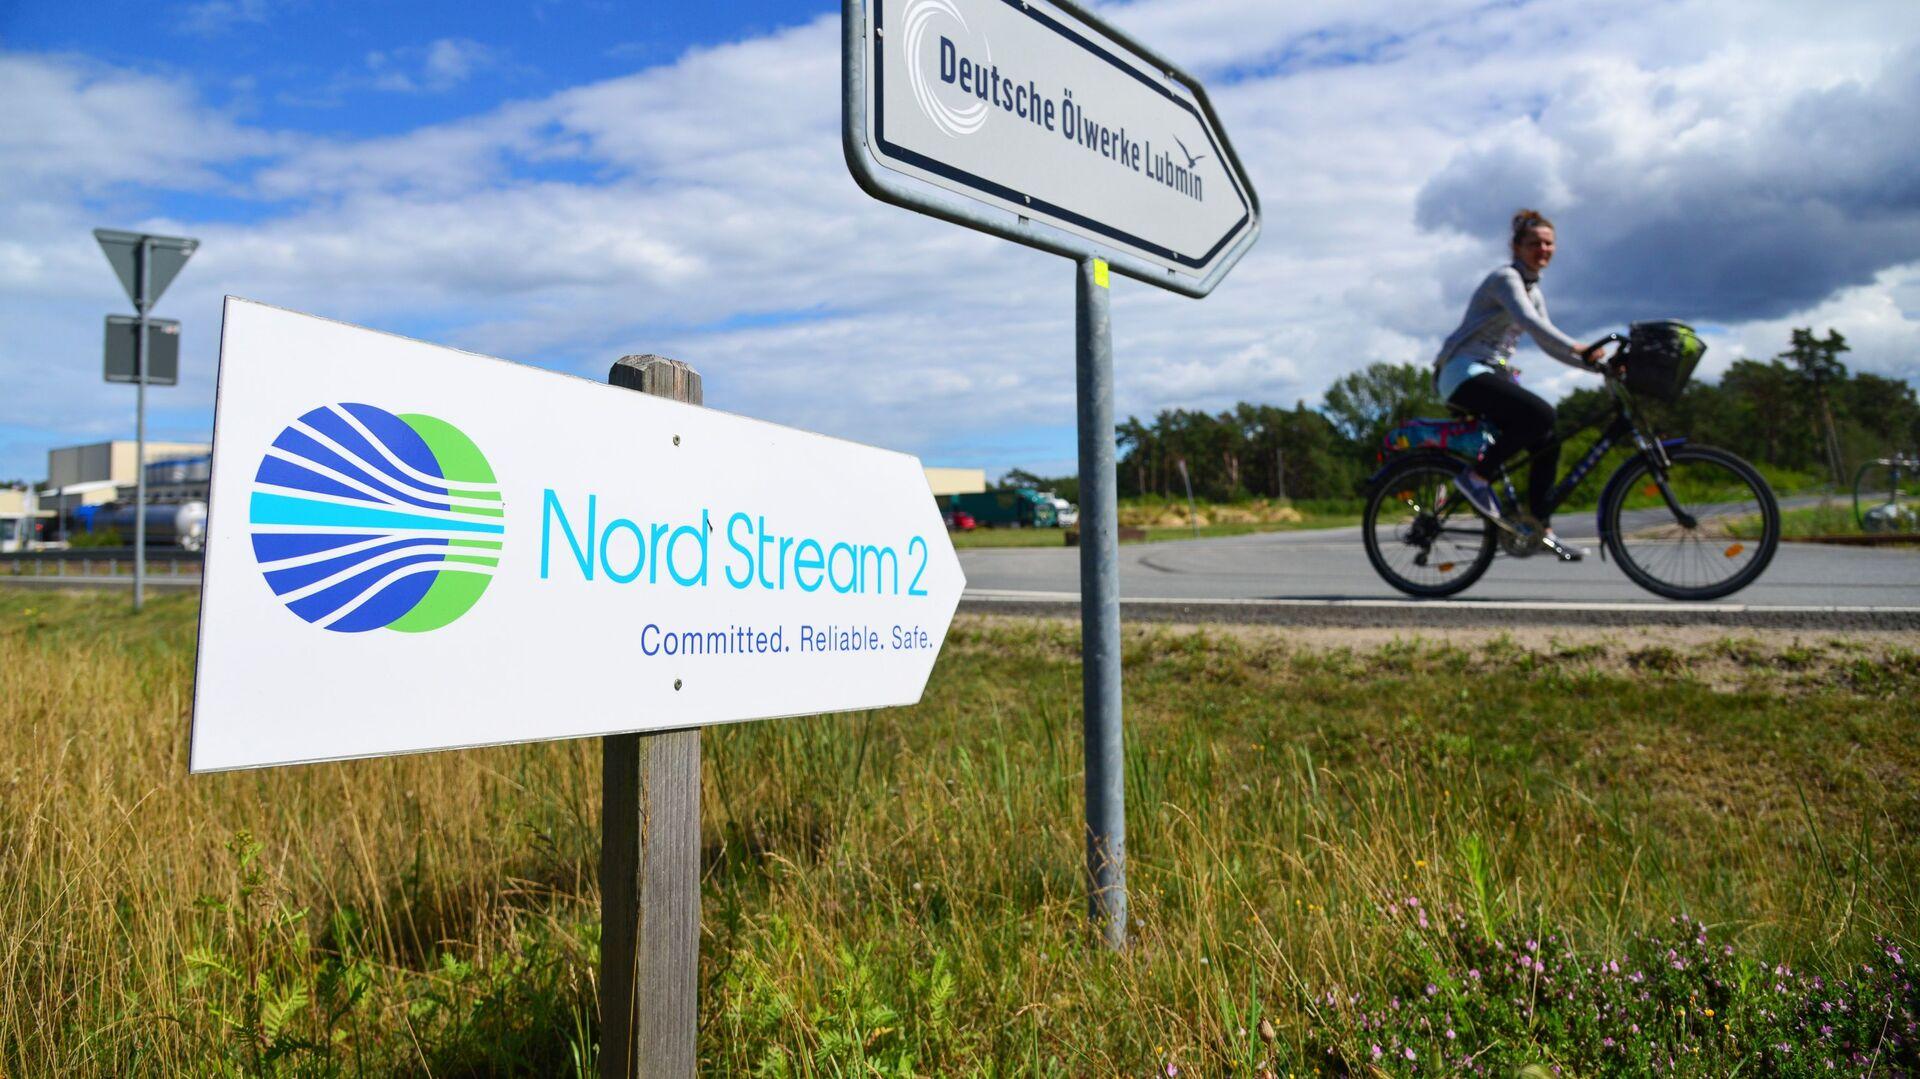 Una señal de Nord Stream 2 en Alemania - Sputnik Mundo, 1920, 10.09.2021